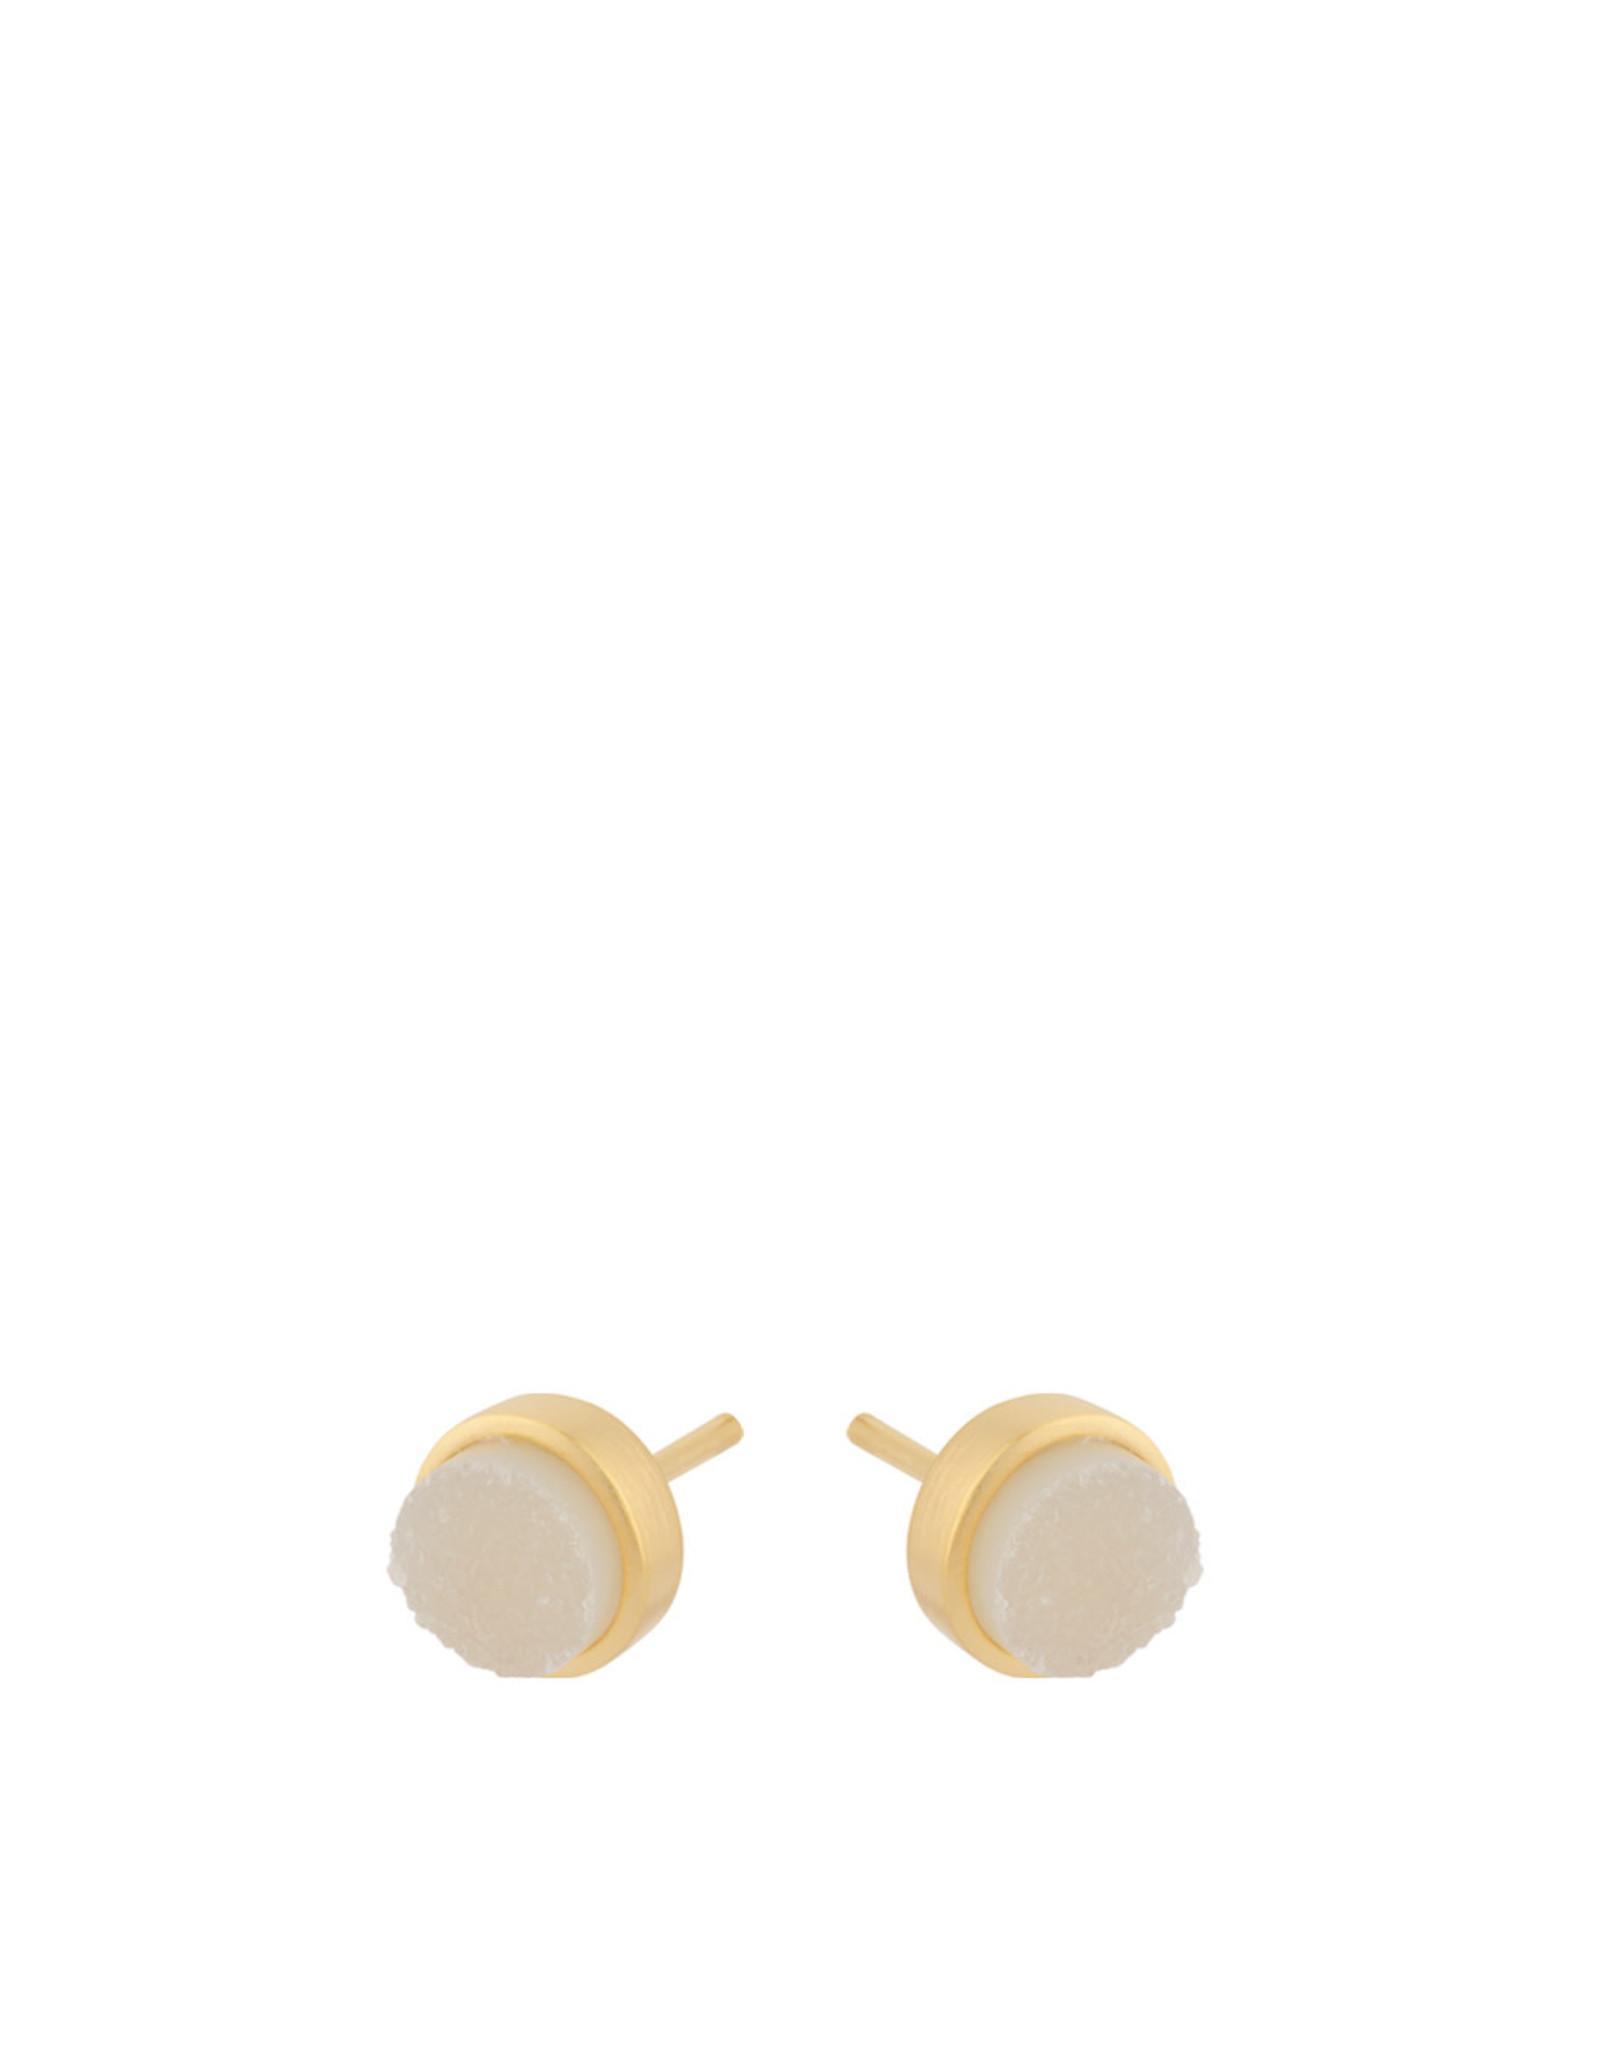 Pernille Corydon Haze Earsticks White Druzy 6 mm